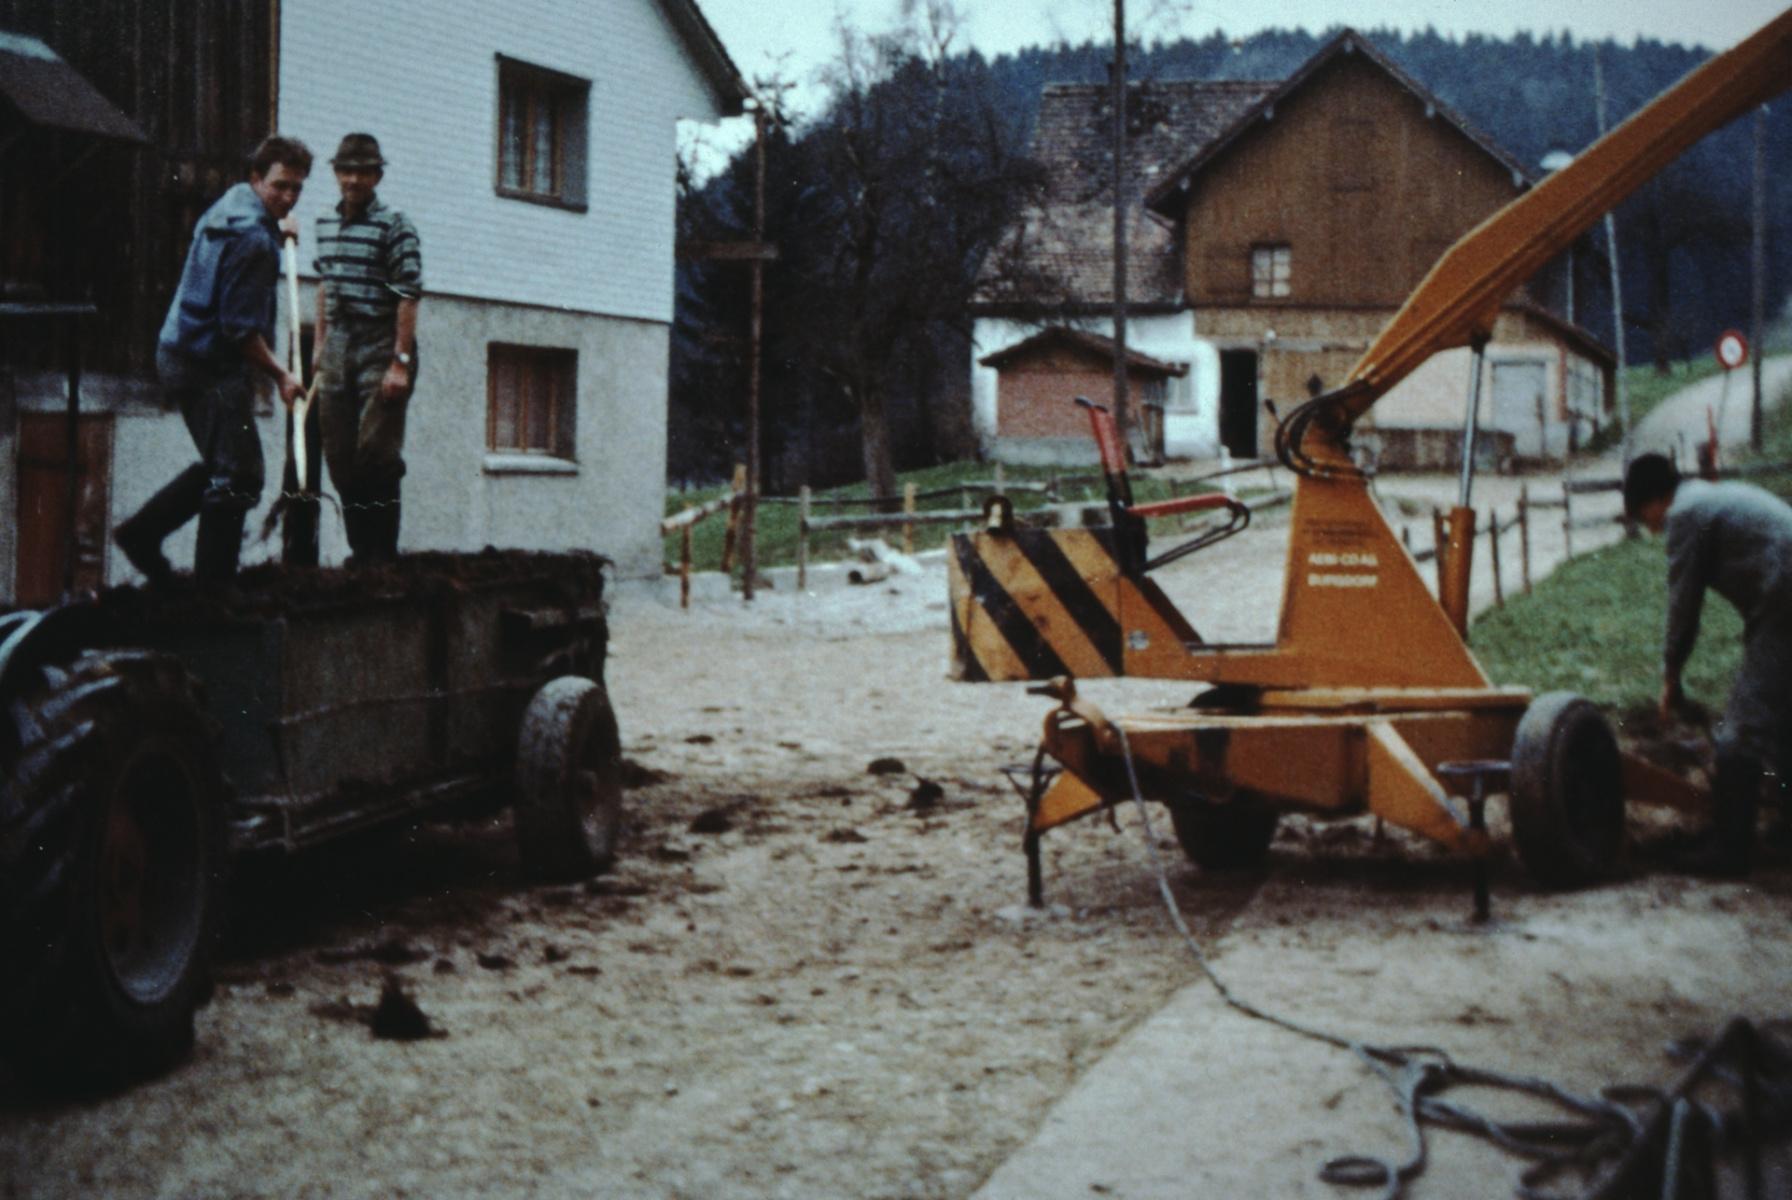 Fritz Jung + Christian Hauser auf dem Mistzettler, Ueli Hauser beim Mistkran